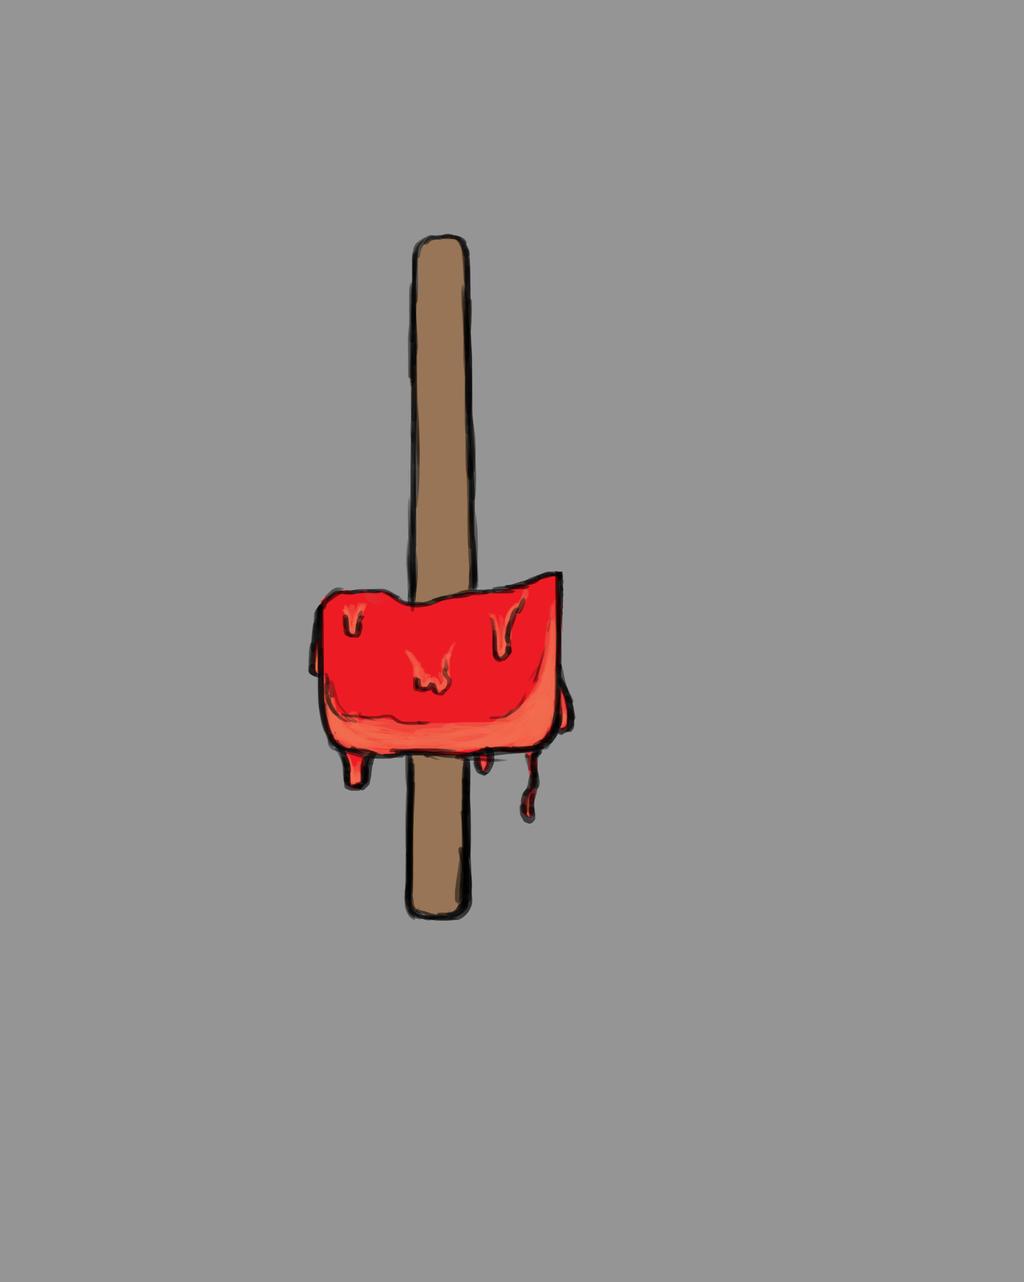 Lollipop II Daily sketch #594 by GothicVampireFreak